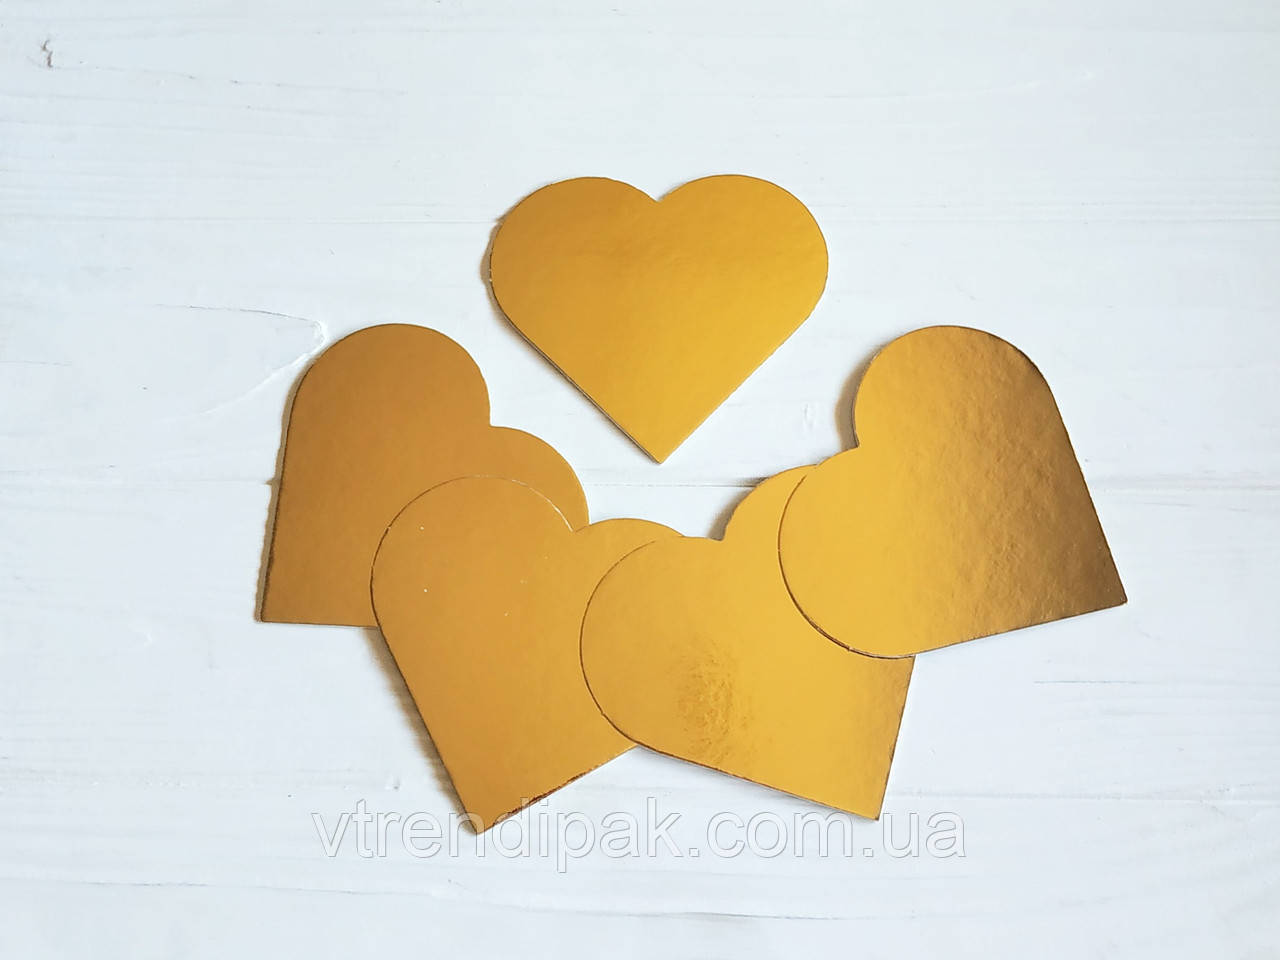 Підложка ламінована золото-срібло 1.2 мм сердечко